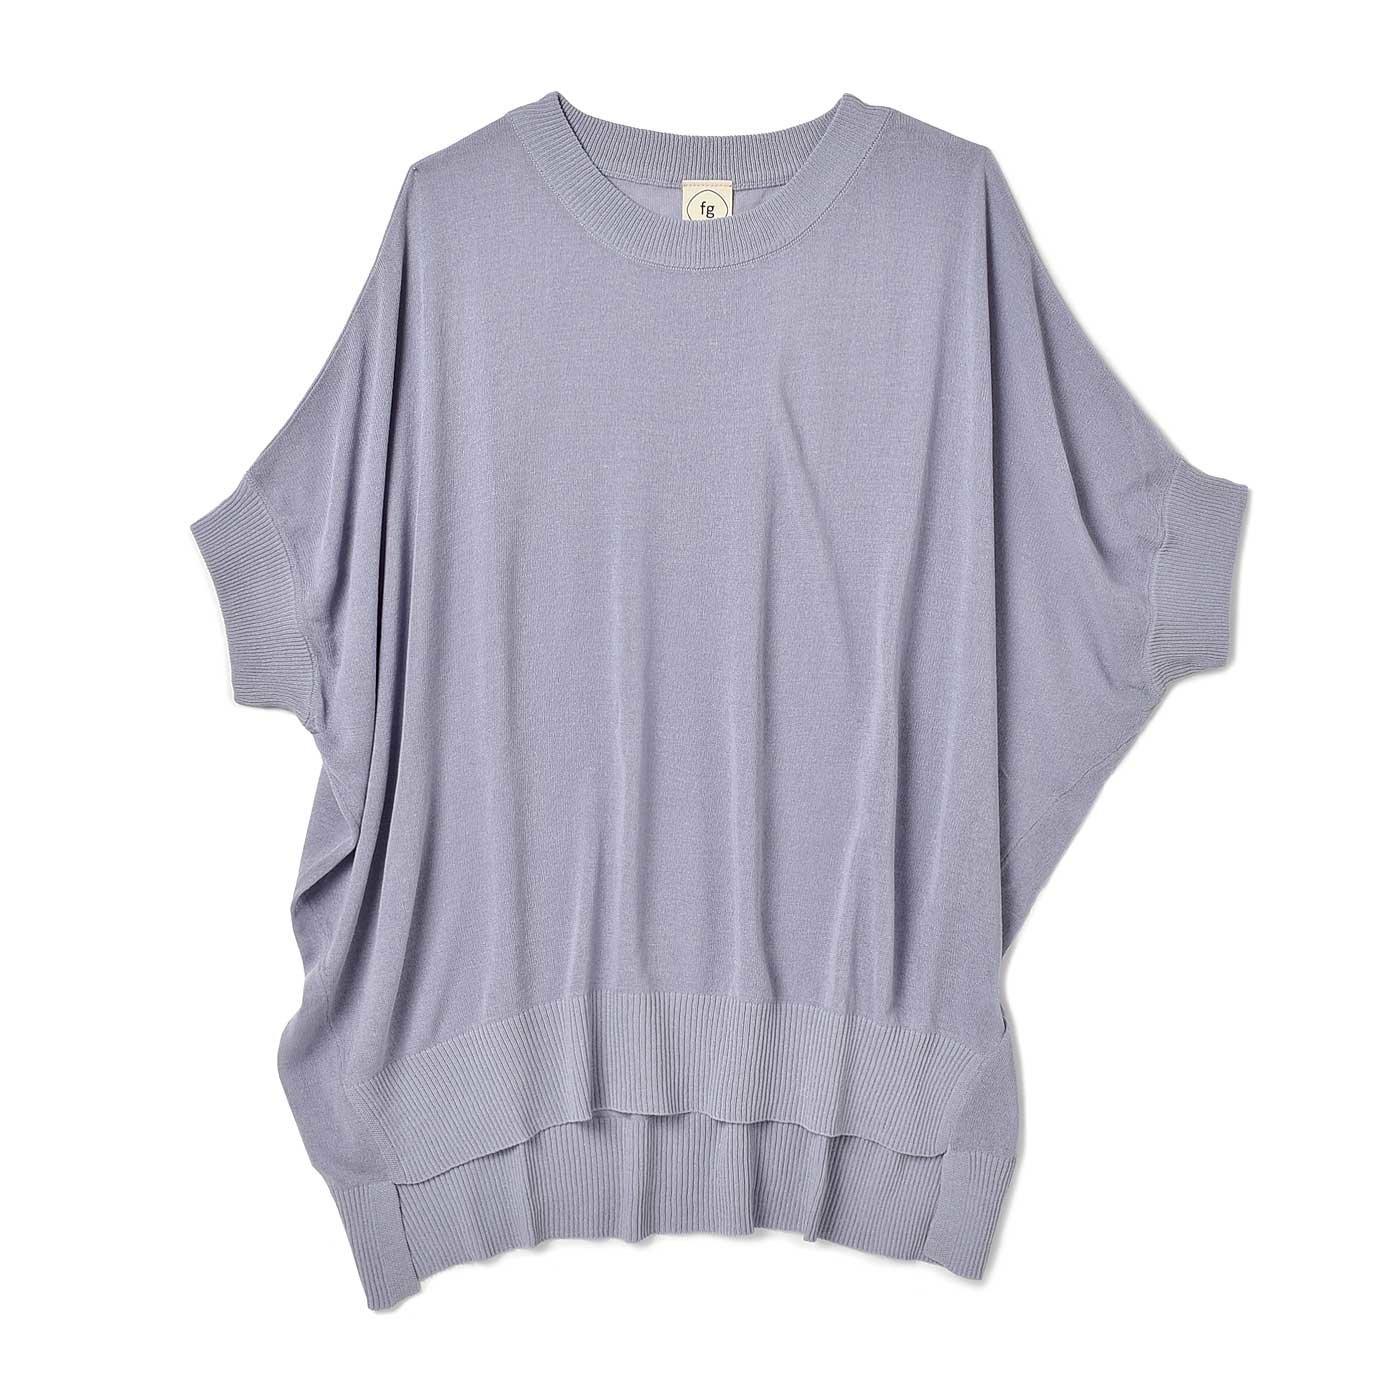 フラウグラット 大人のTシャツ代わりに毎日着たい 透け感が魅力の 麻混ニットトップス〈ラベンダー〉